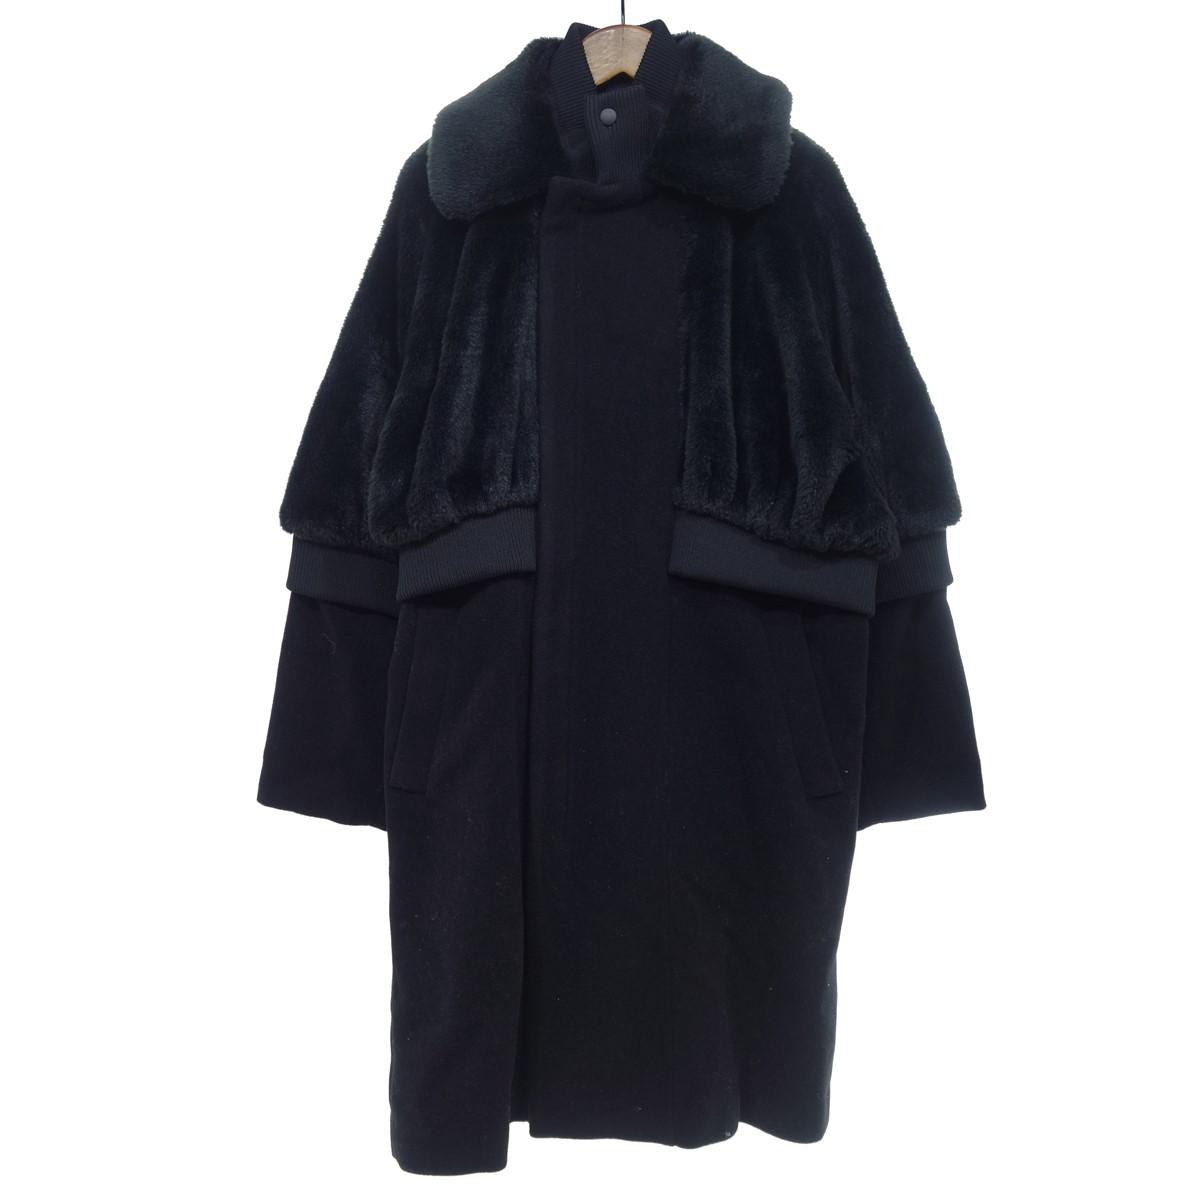 【中古】mint designs レイヤード風ファーコート ブラック サイズ:M 【110220】(ミントデザインズ)